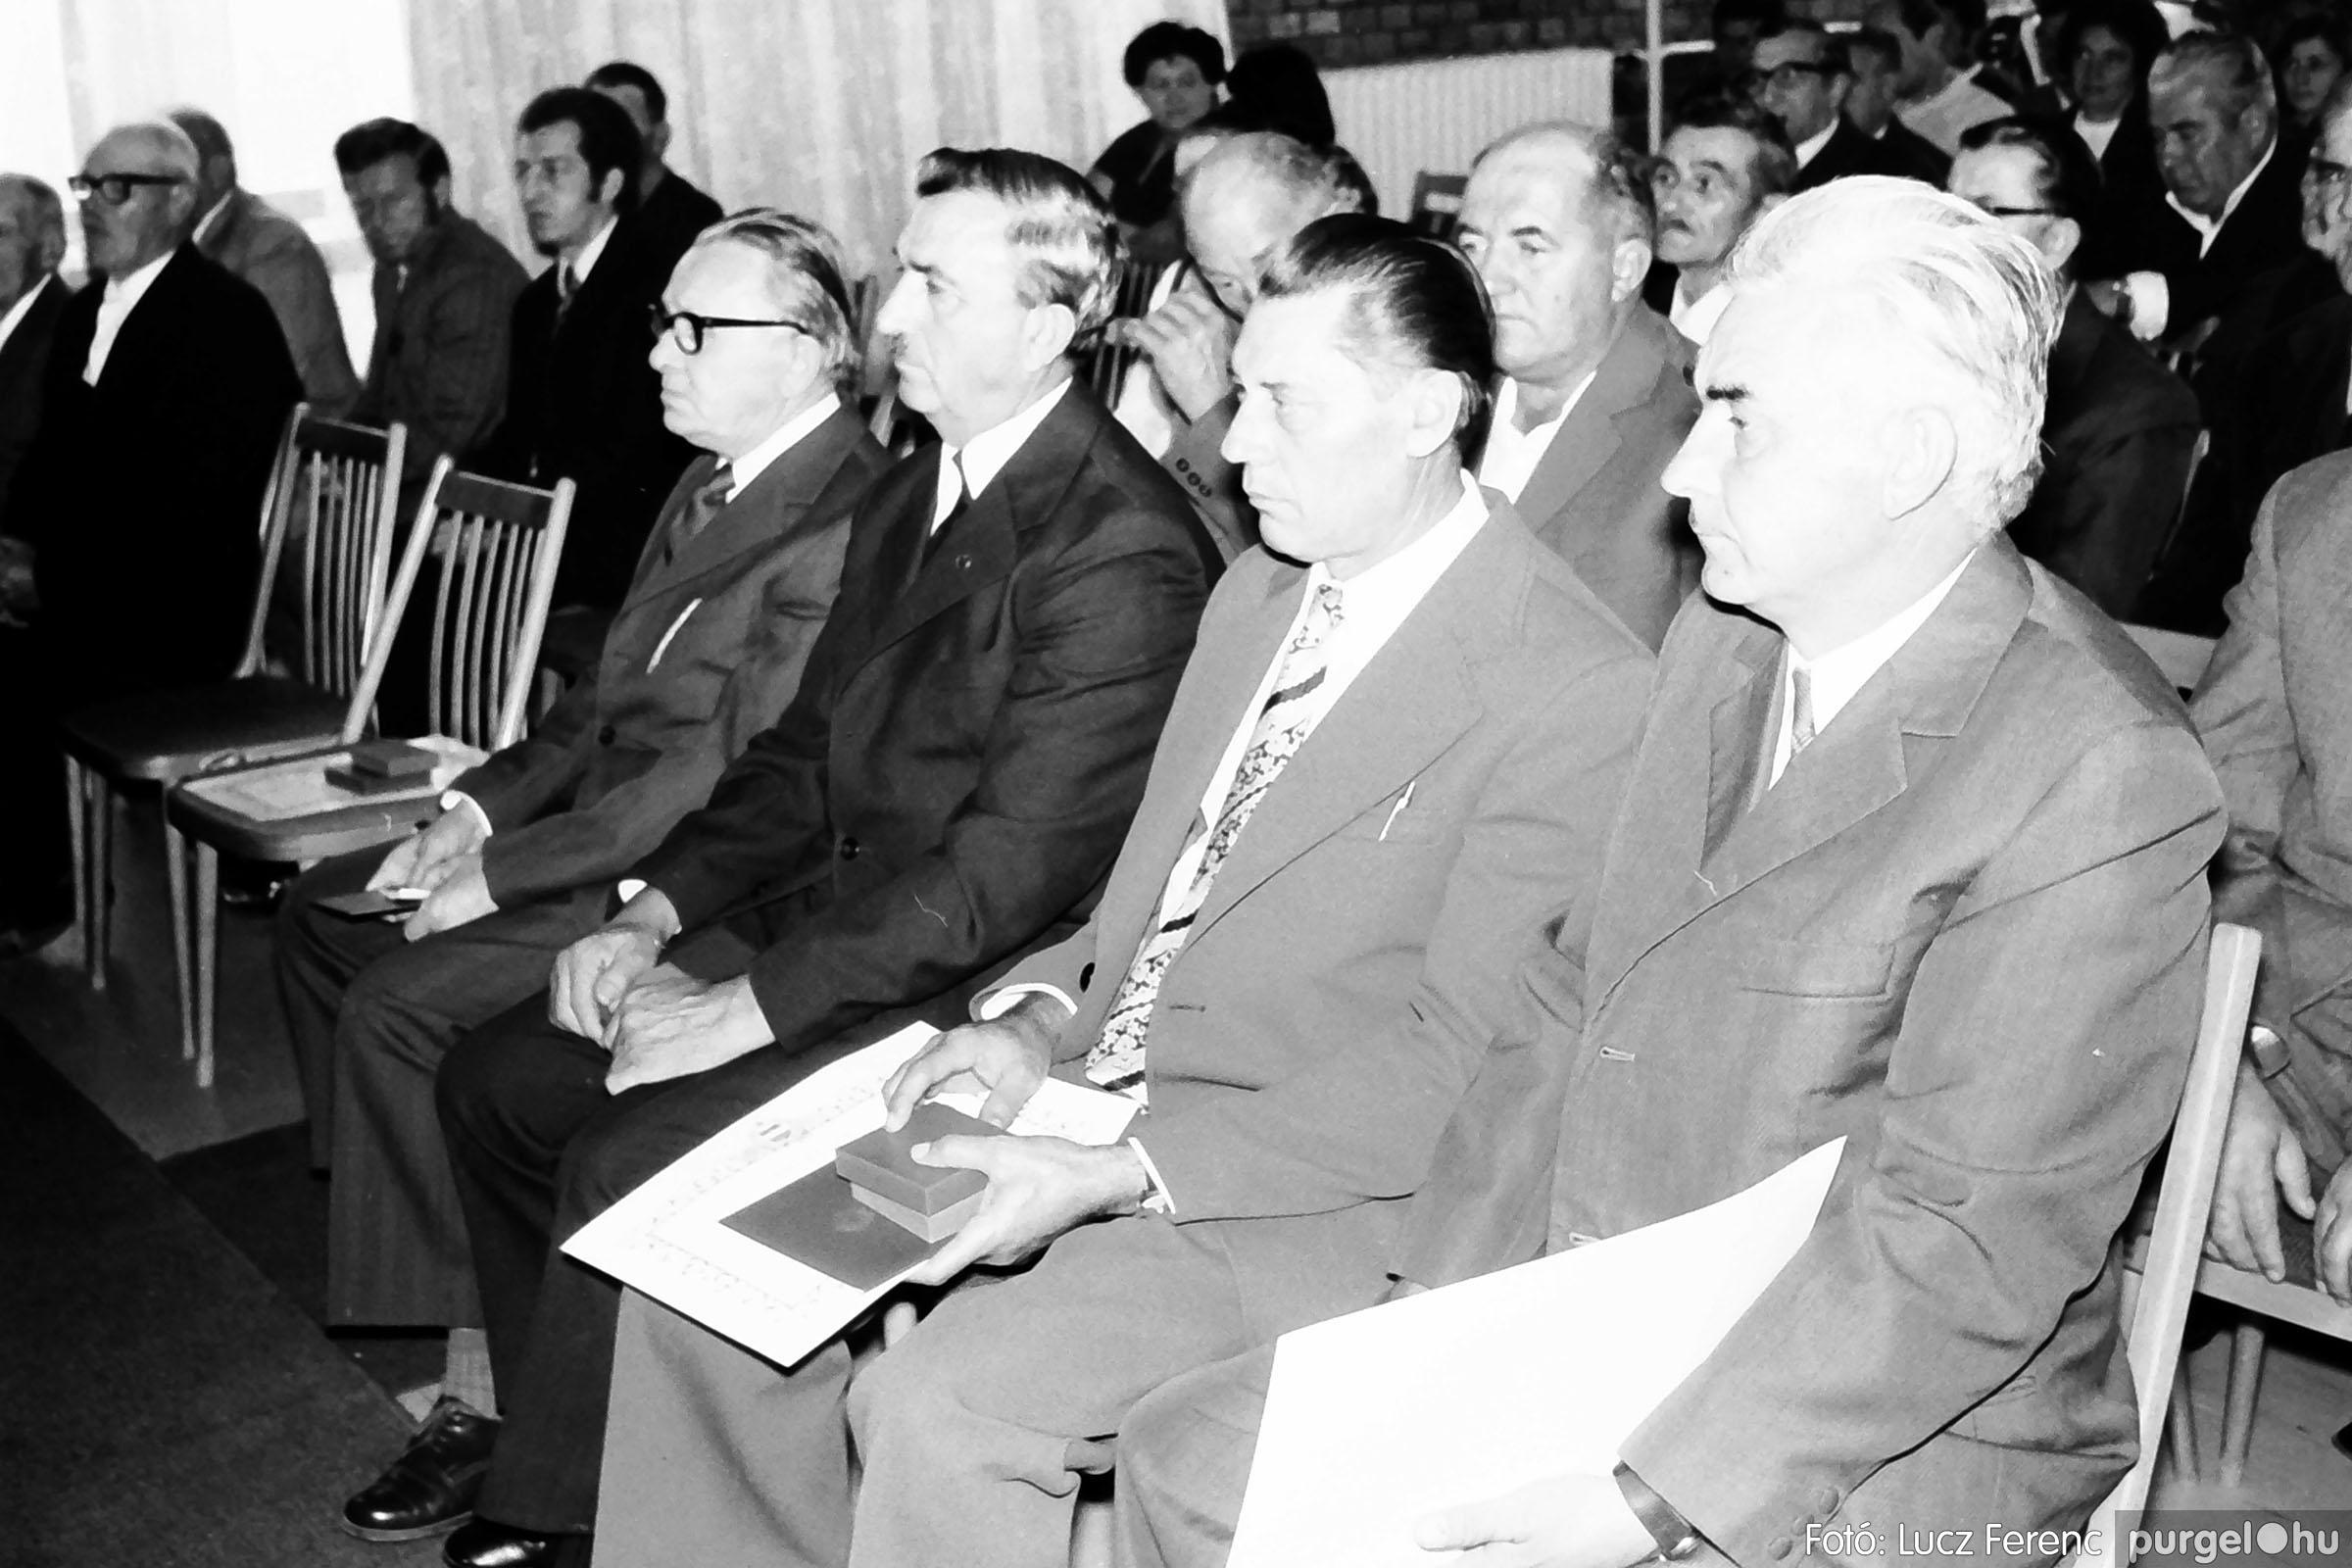 022 1975. Ünnepi ülés a tanácsházán 007 - Fotó: Lucz Ferenc .jpg